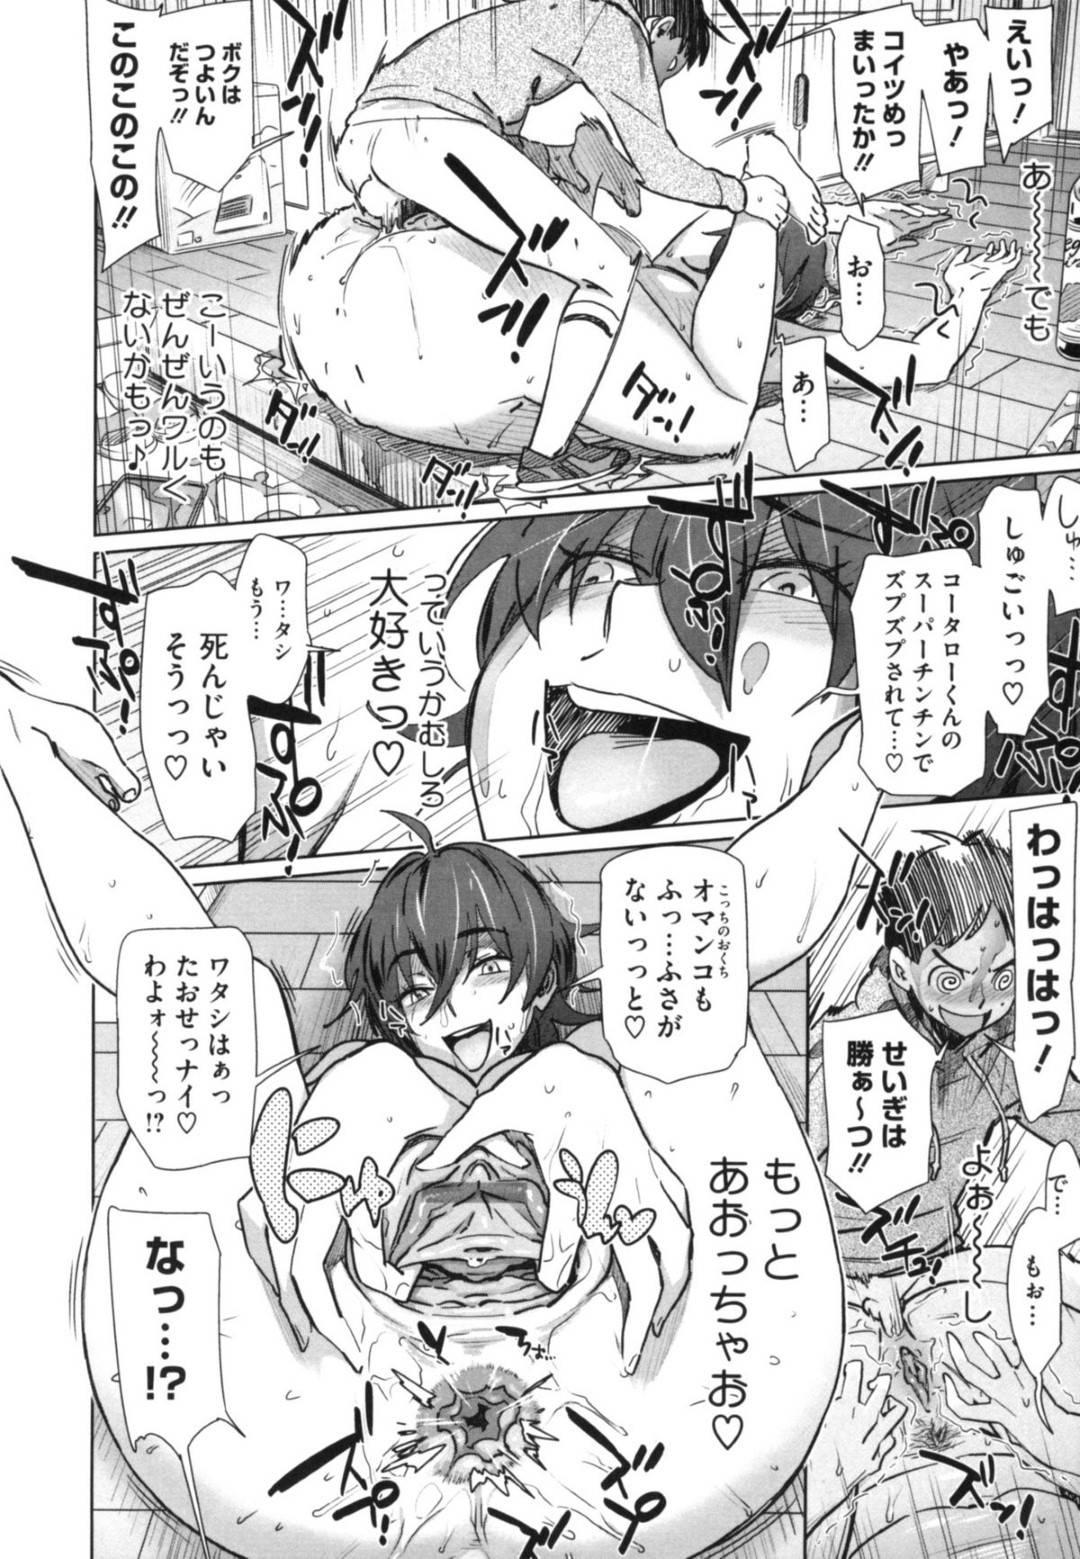 【エロ漫画】隣人の少年に強引にエッチな事を迫る淫乱お姉さん…彼女は彼にオナニーをさせたり、強引にフェラしたりし、更には騎乗位で逆レイプセックスする!